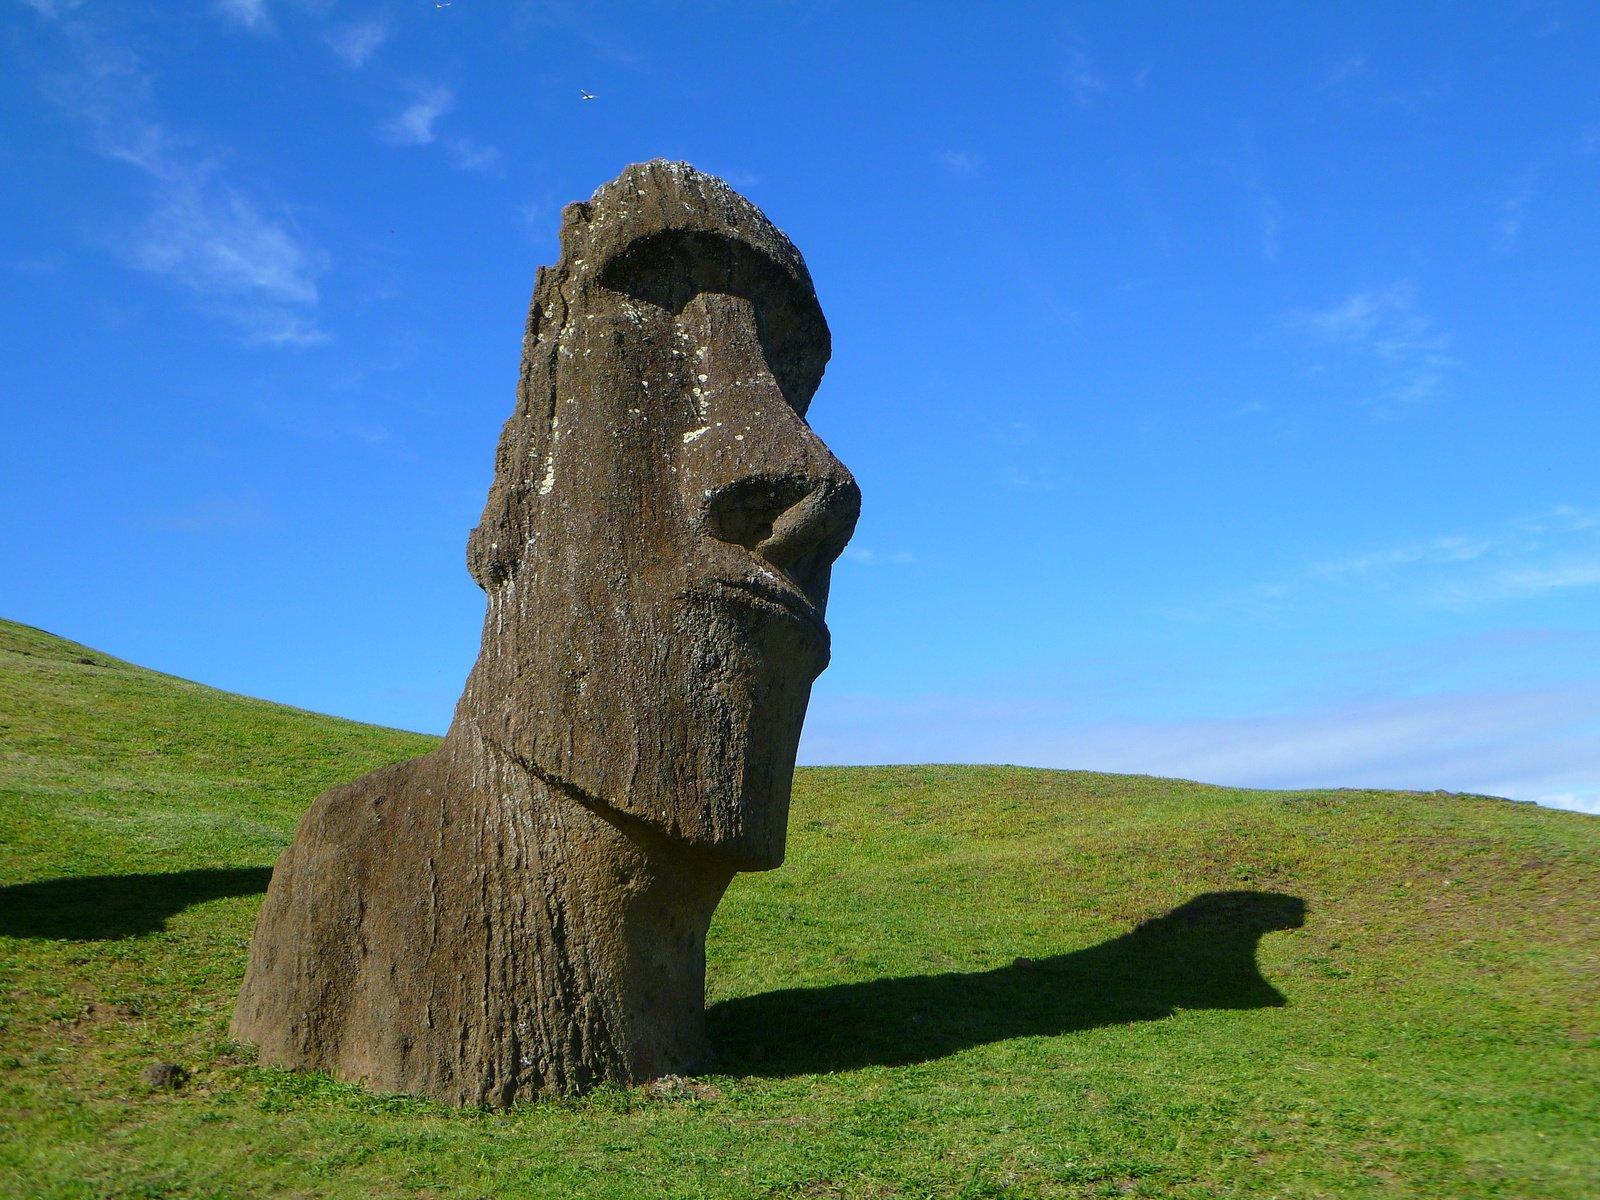 A Moai in a field on Rapa Nui